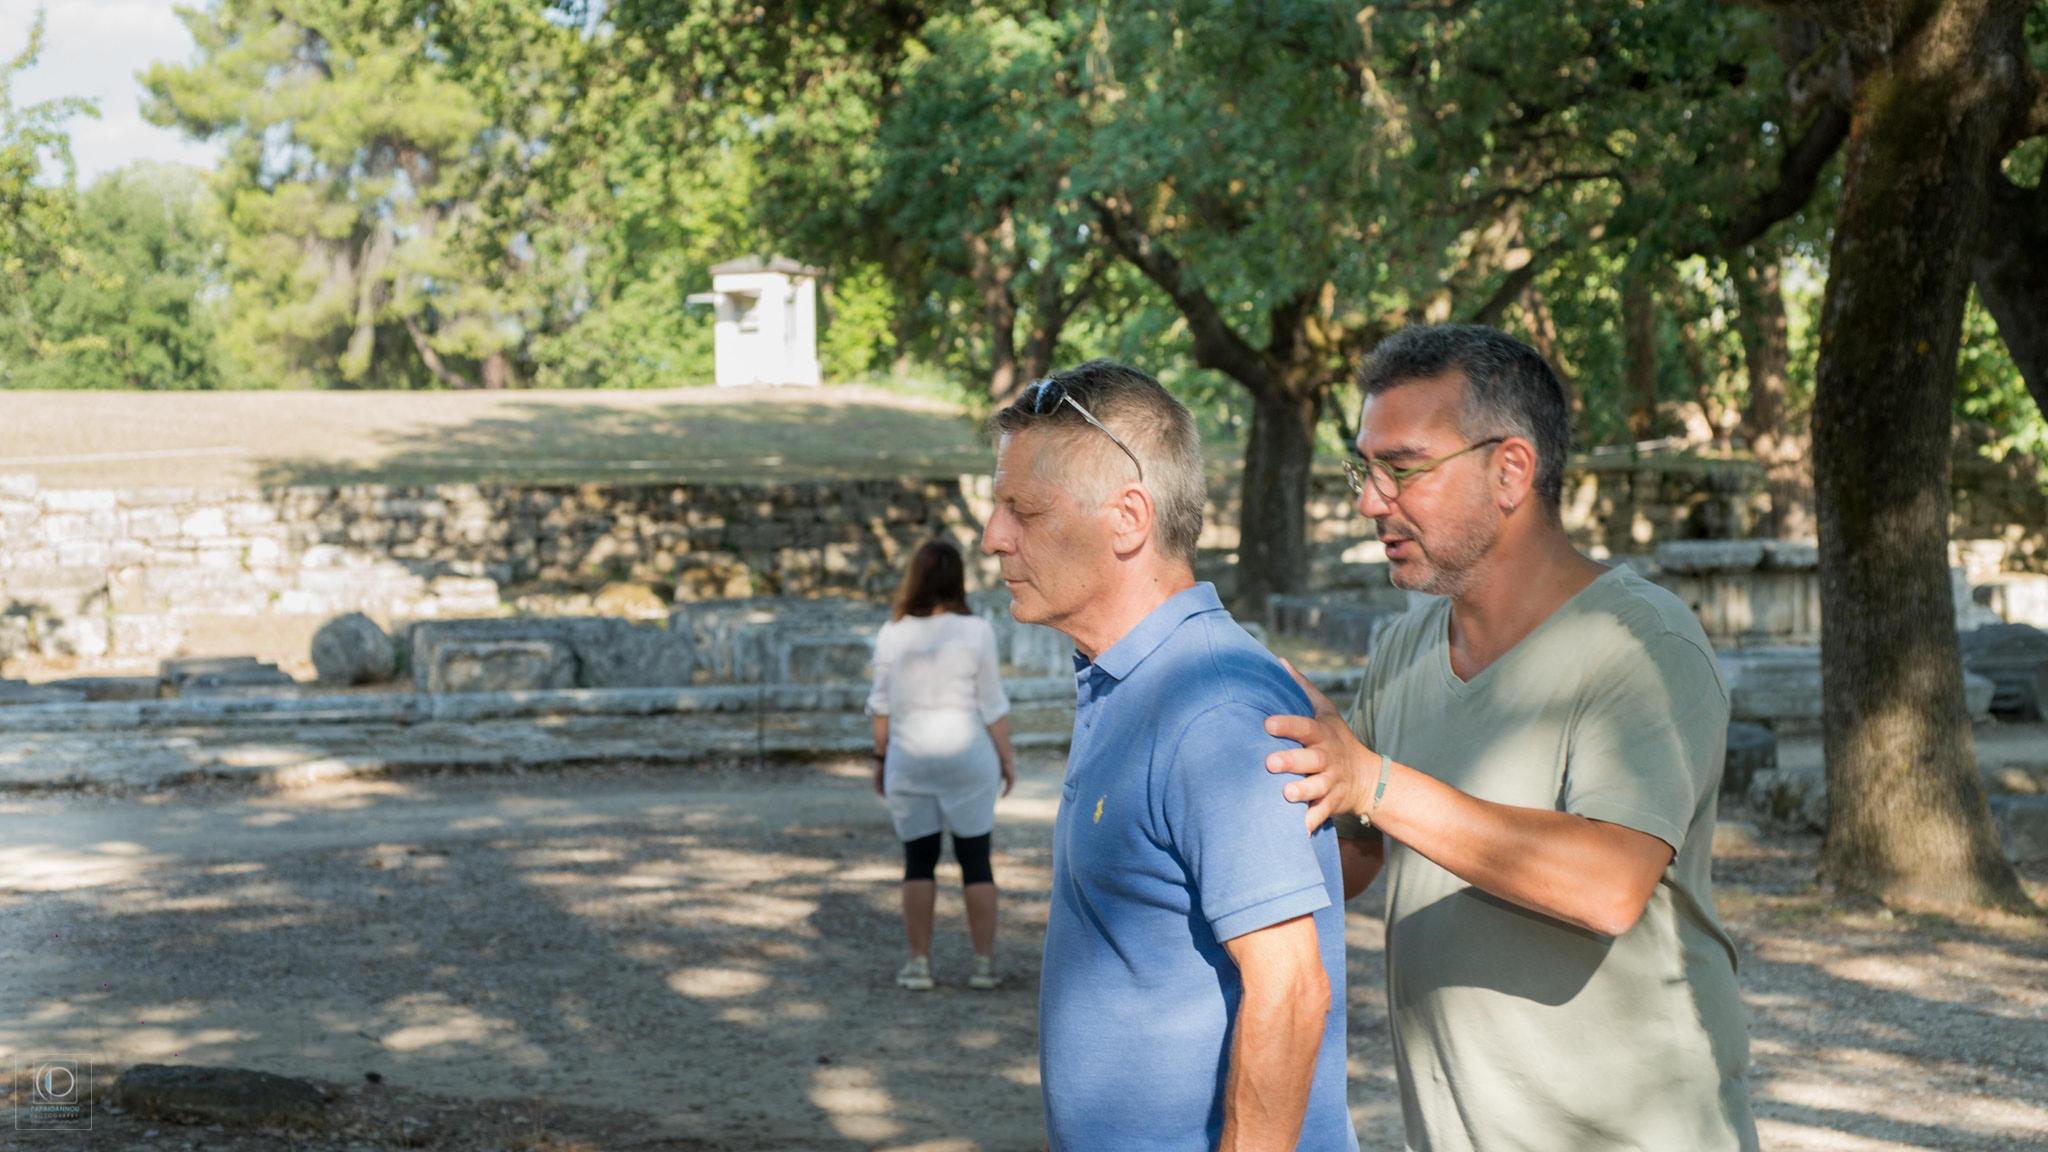 Ολοκληρώθηκε η 1η Συνάντηση Θεάτρου των Πολιτών Αρχαίας Ολυμπίας  -Ο λόγος στους θεατές: ανοιχτή συζήτηση με πολίτες για τις Βάκχες και τη Λυσιστράτη την Κυριακή 22/8